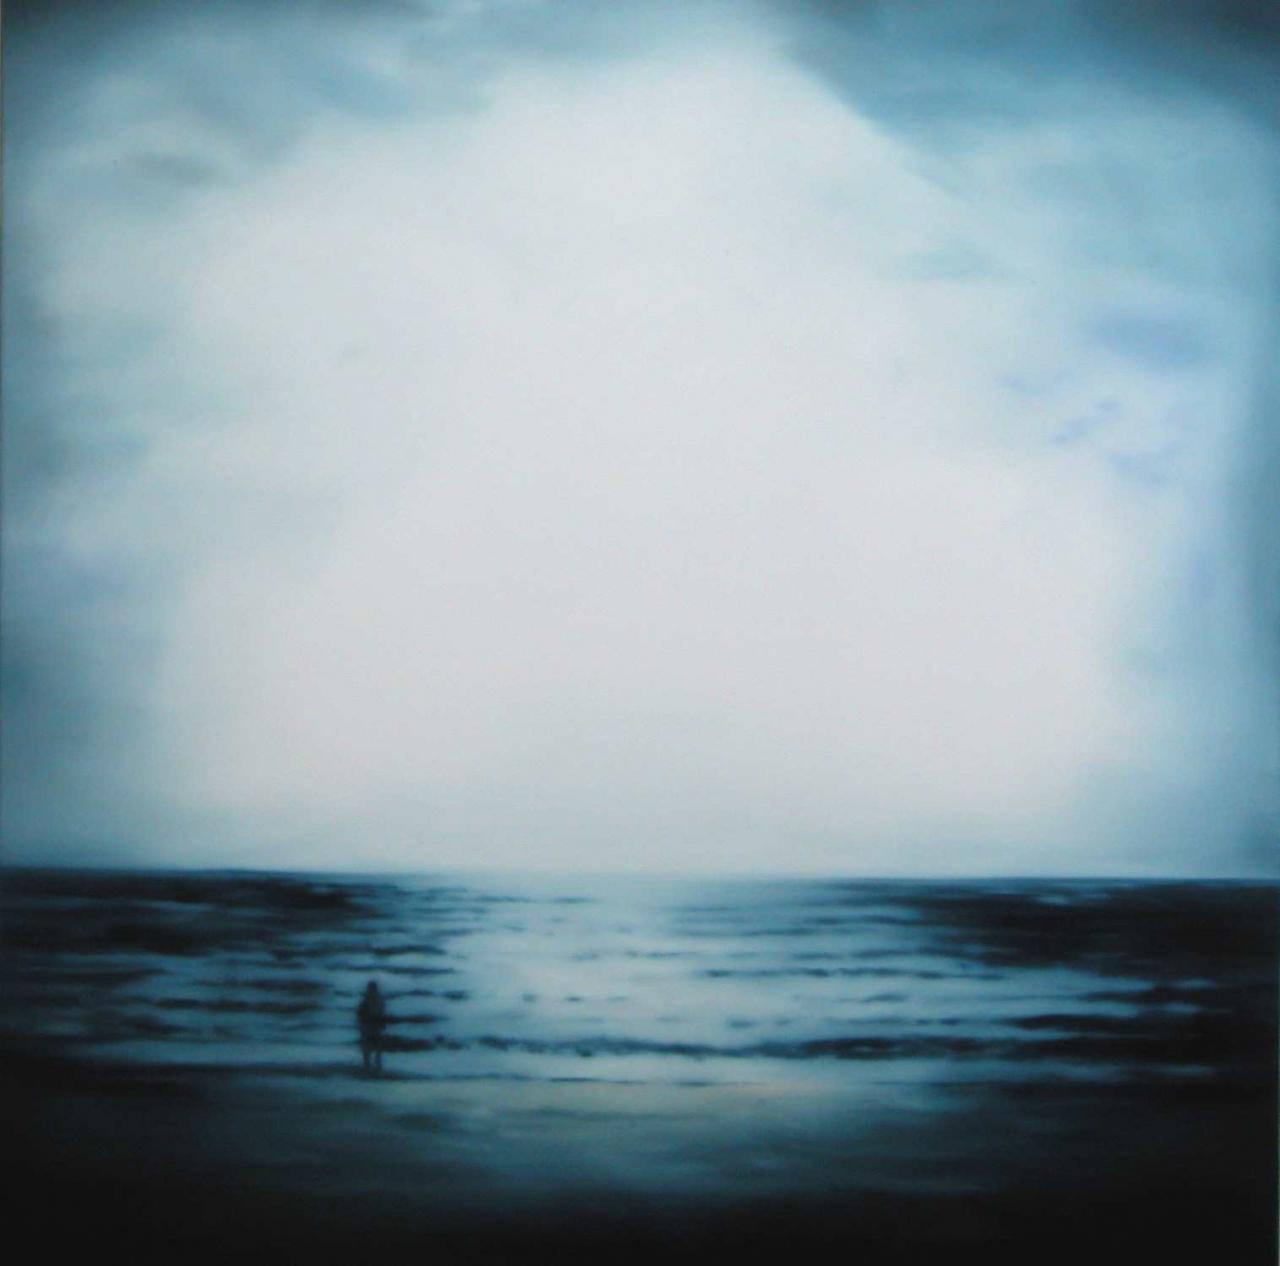 Am Meer 2008 (783)